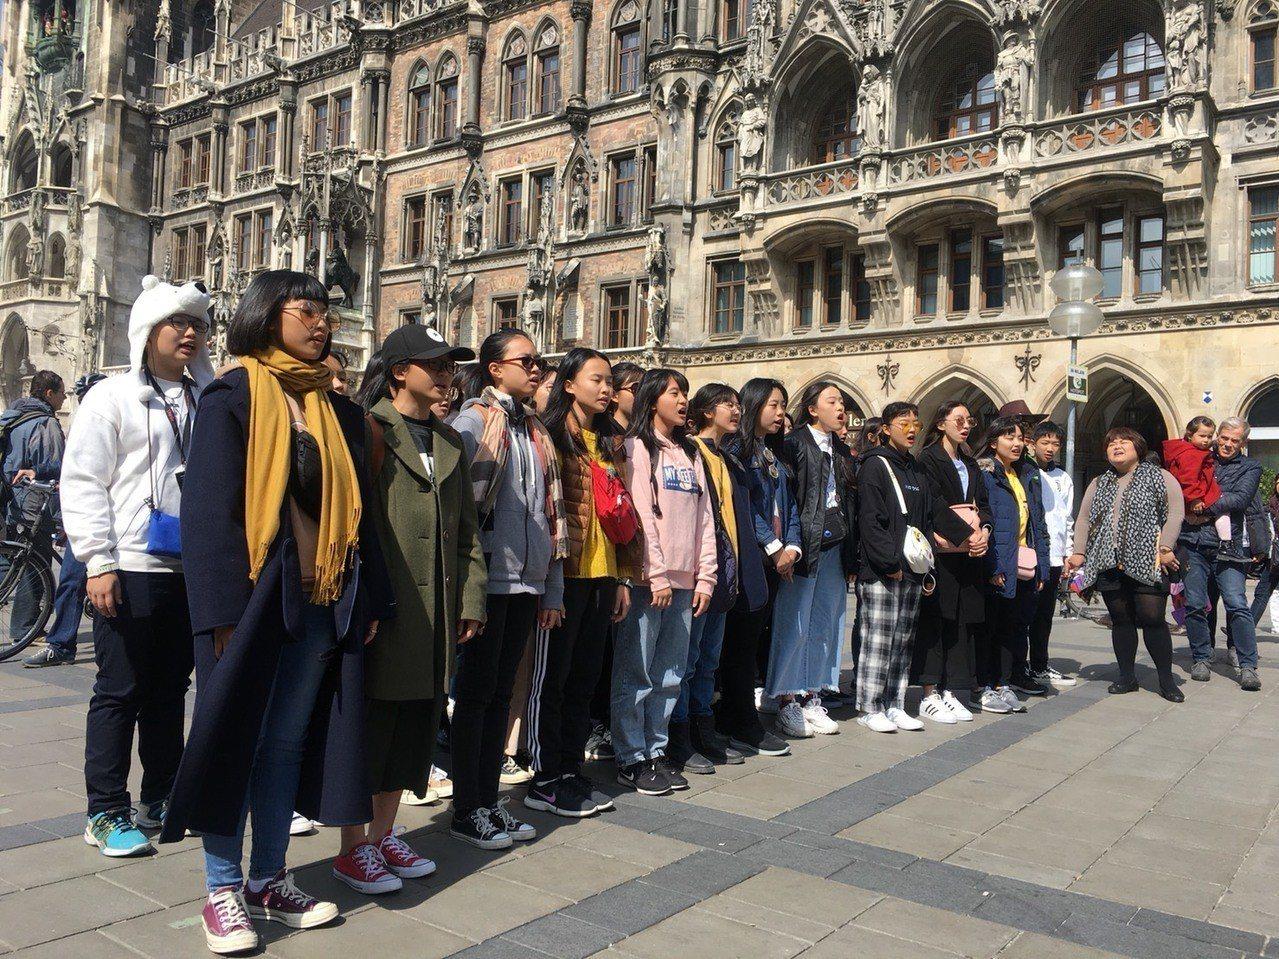 嘉義宏仁女中合唱團今天在國慕尼黑市政廳前快閃演出。圖/宏仁女中提供